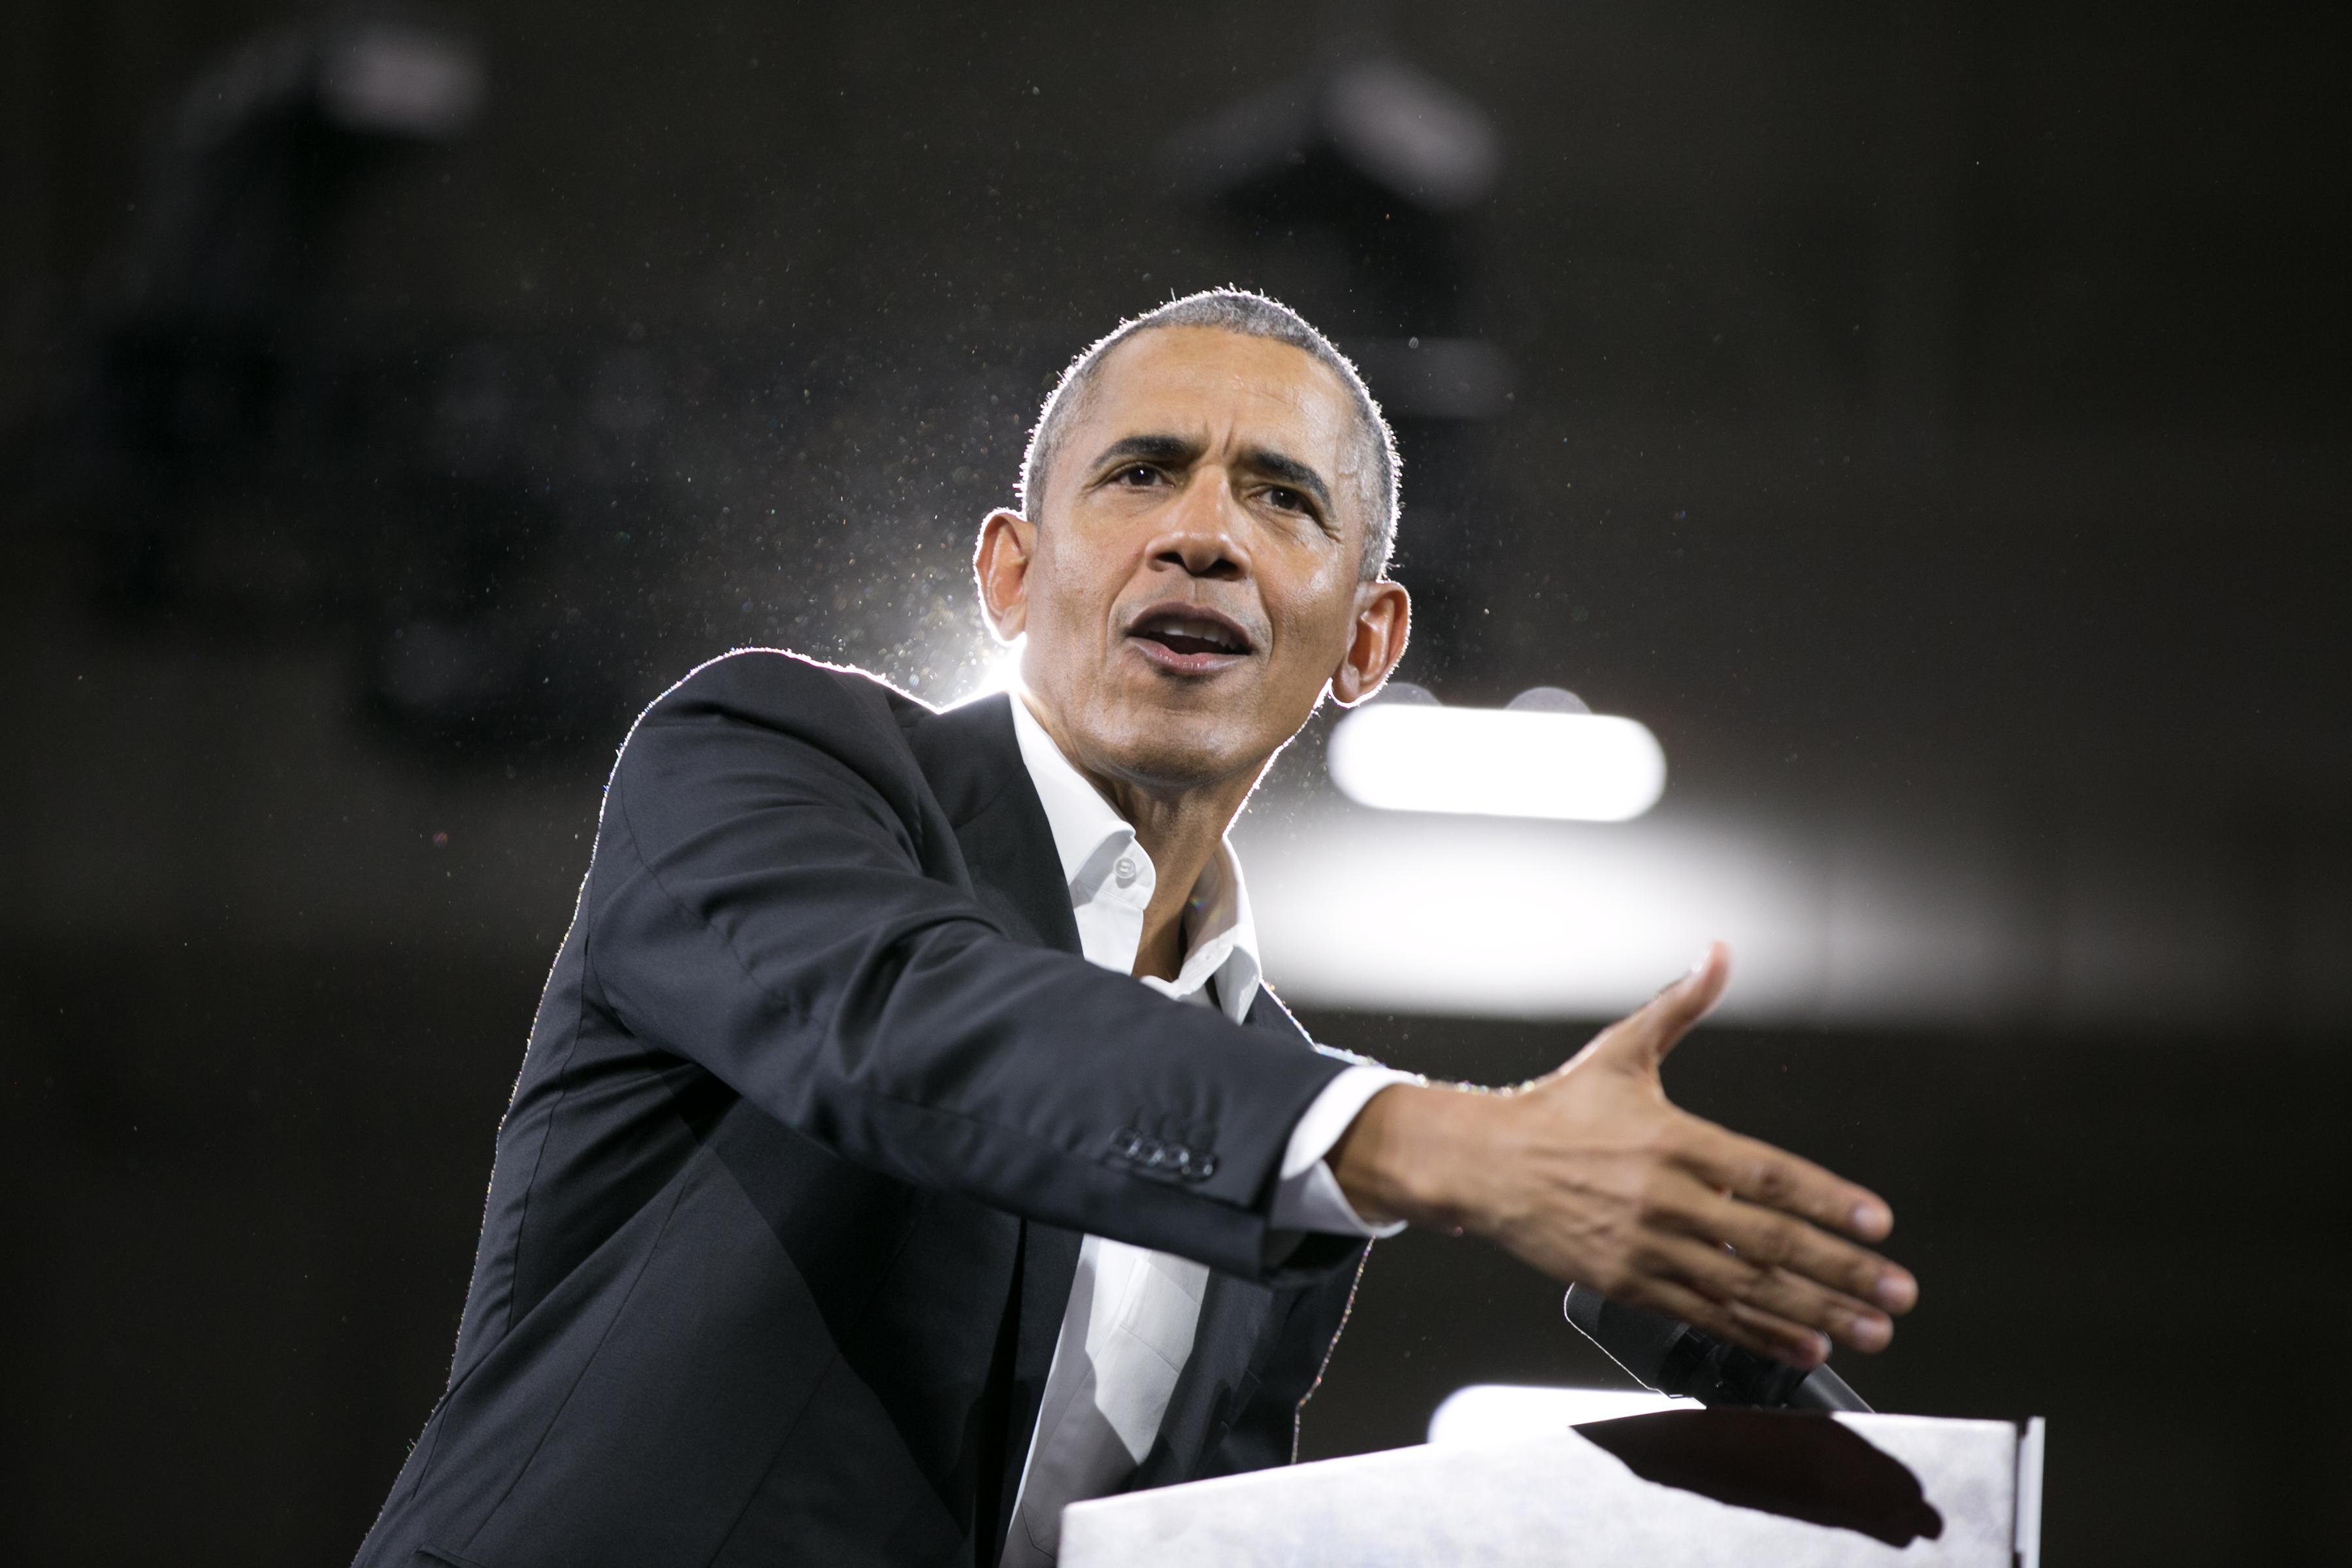 Obama egy lapon említette az USA-t, Oroszországot és Magyarországot, amikor a populizmus veszélyeiről beszélt